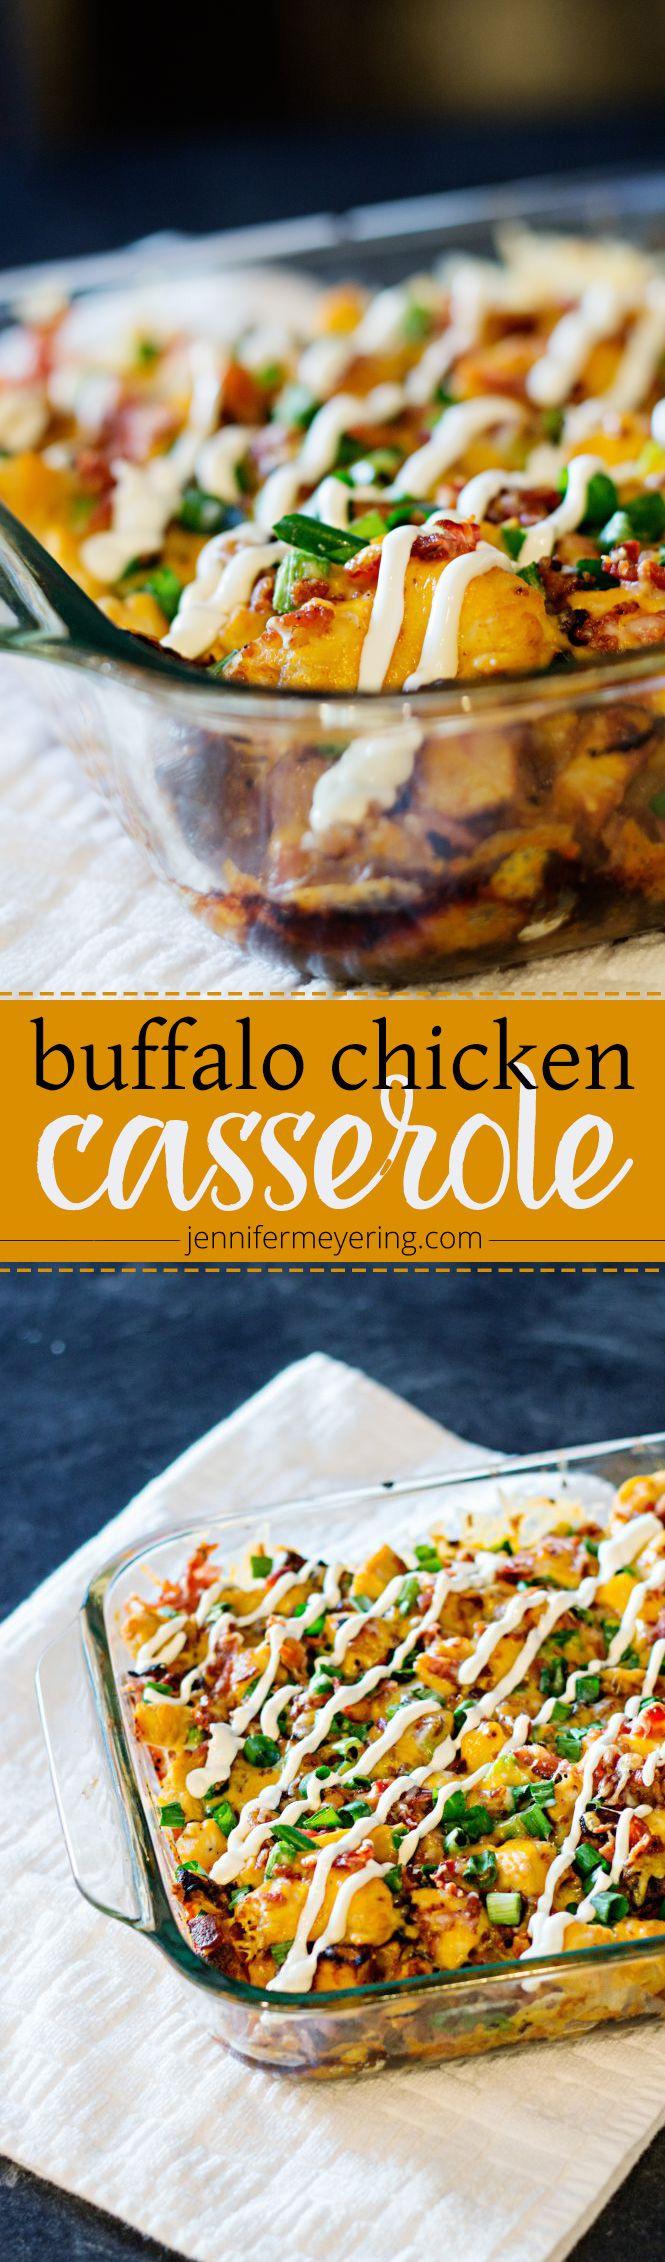 Buffalo Chicken and Potato Casserole | JenniferMeyering.com